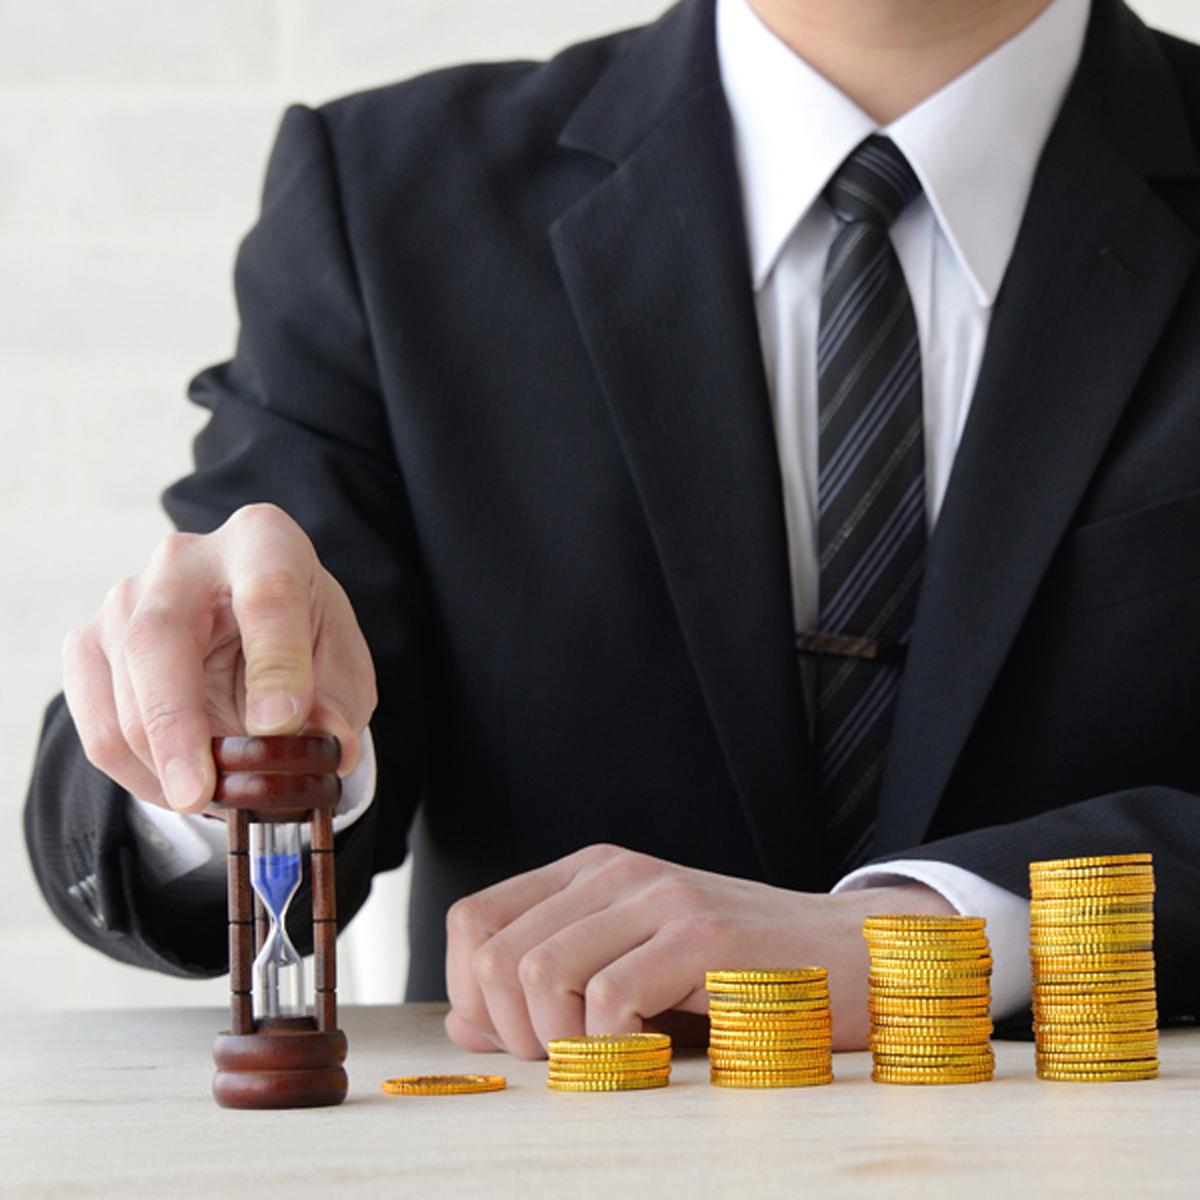 高値づかみのリスクを分散する初心者向け投資法「ドルコスト平均法」の長所と弱点とは?